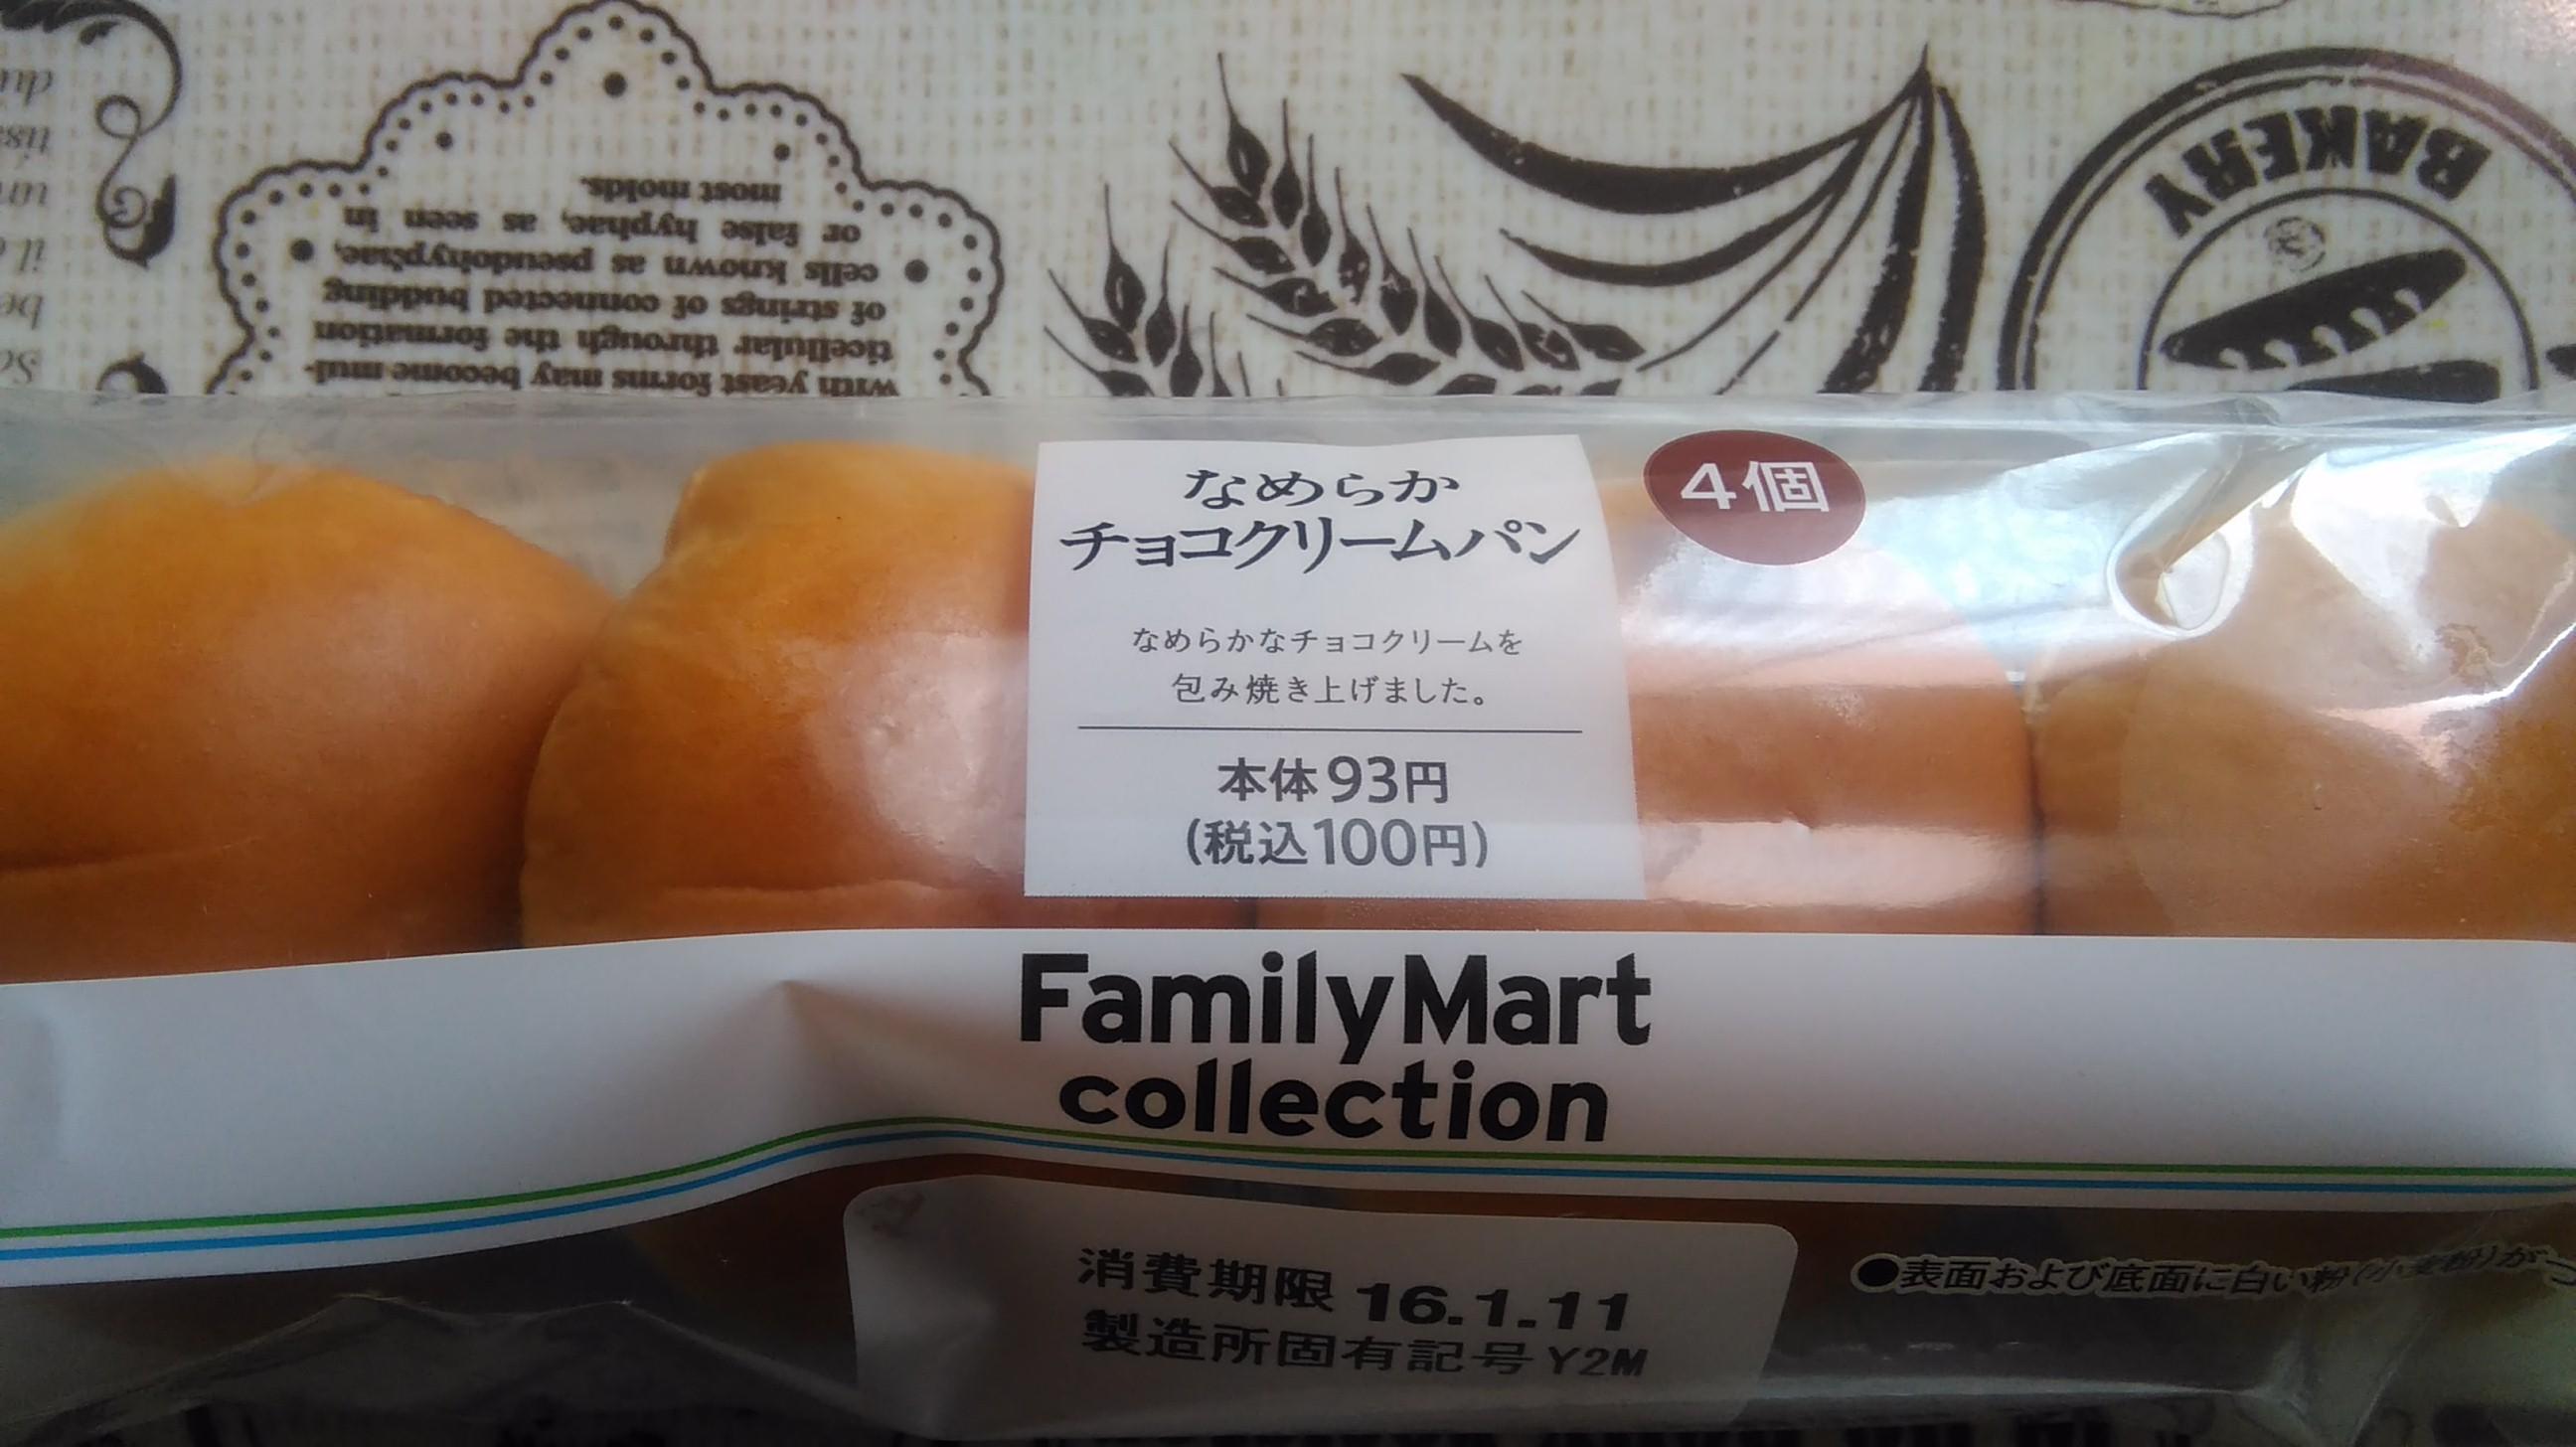 「ファミマなめらかチョコクリームパン写真フリー」の画像検索結果